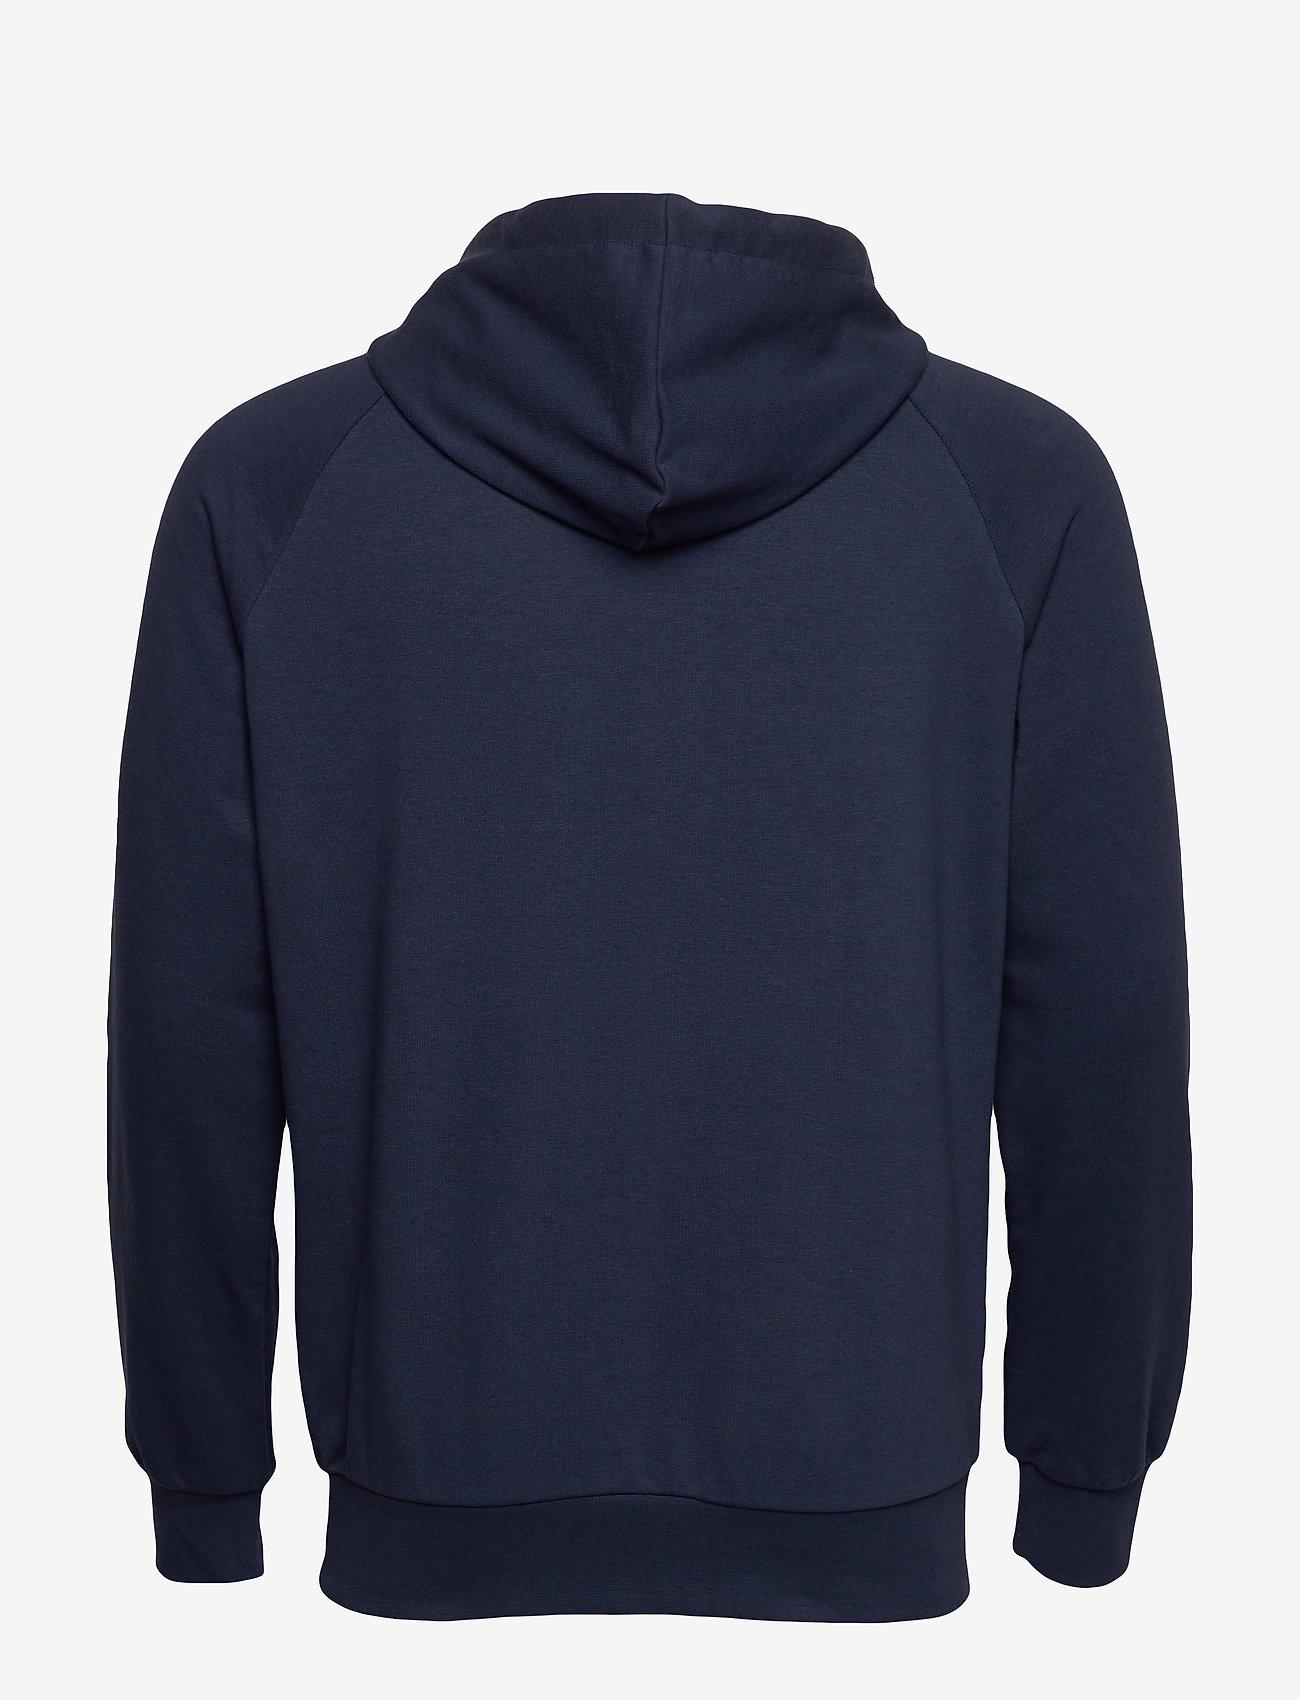 Hummel - hmlISAM HOODIE - hoodies - black iris - 1